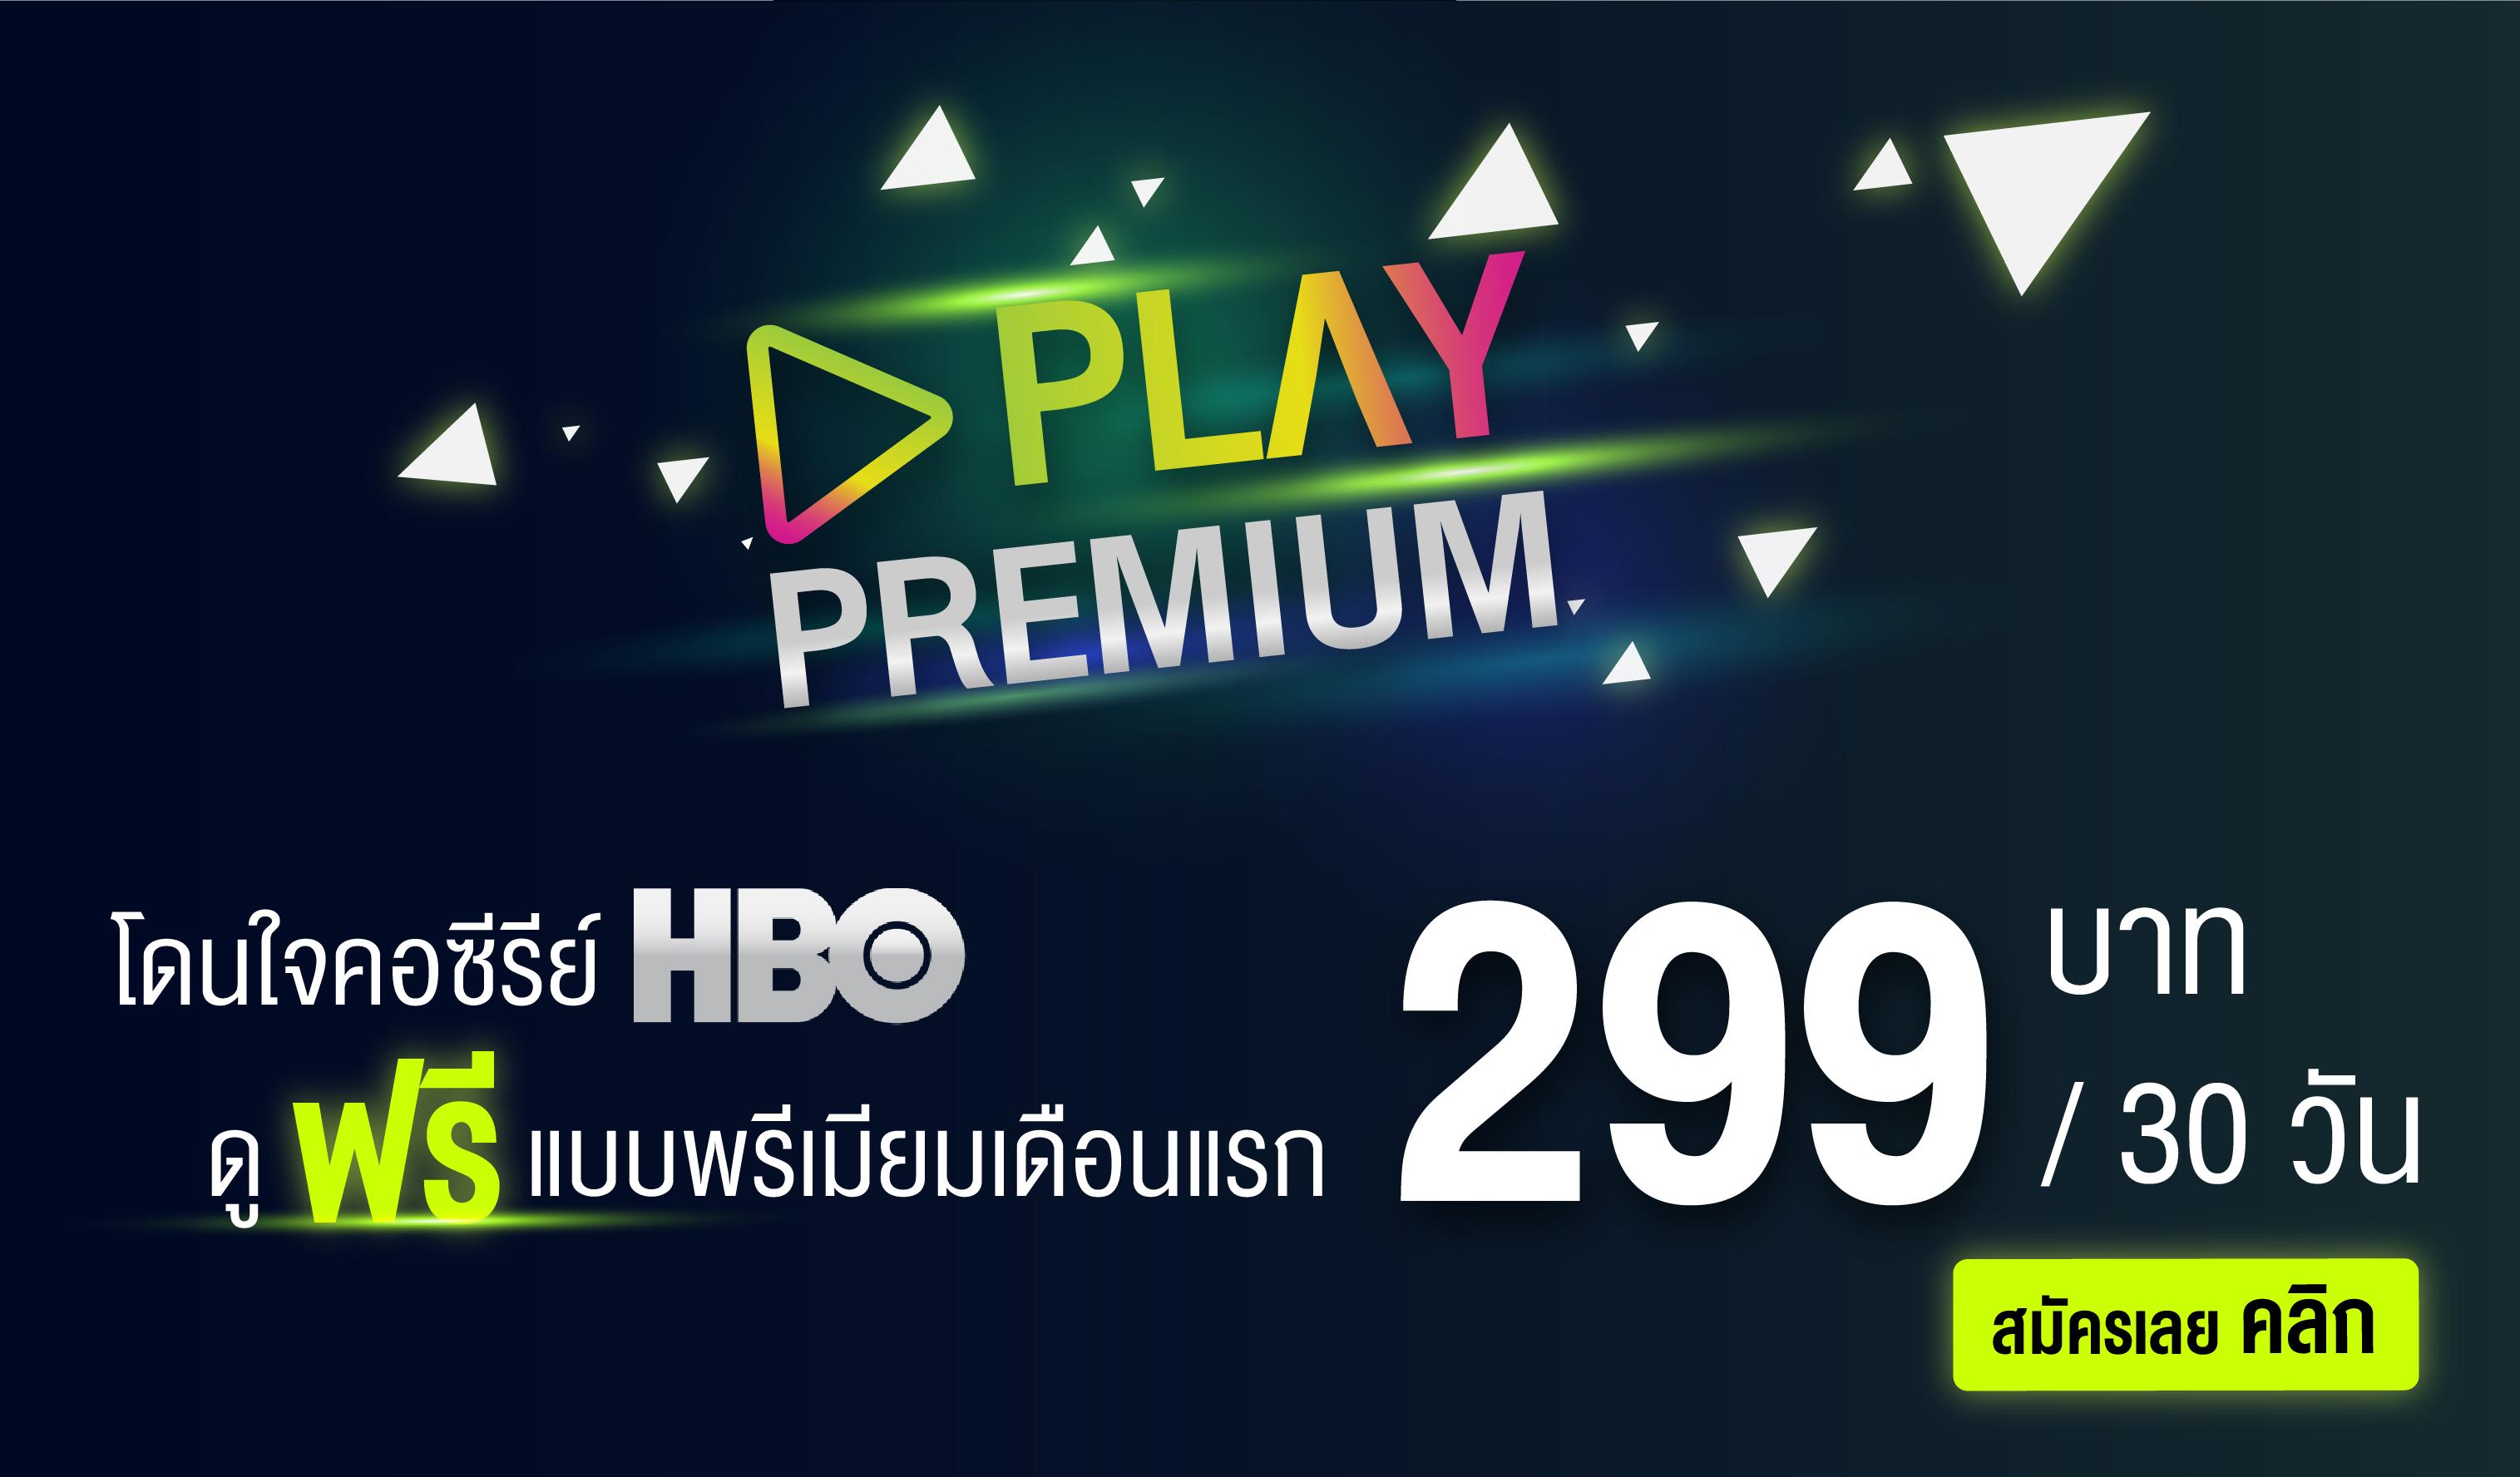 PLAY Premium เดือนละ 299 บาท